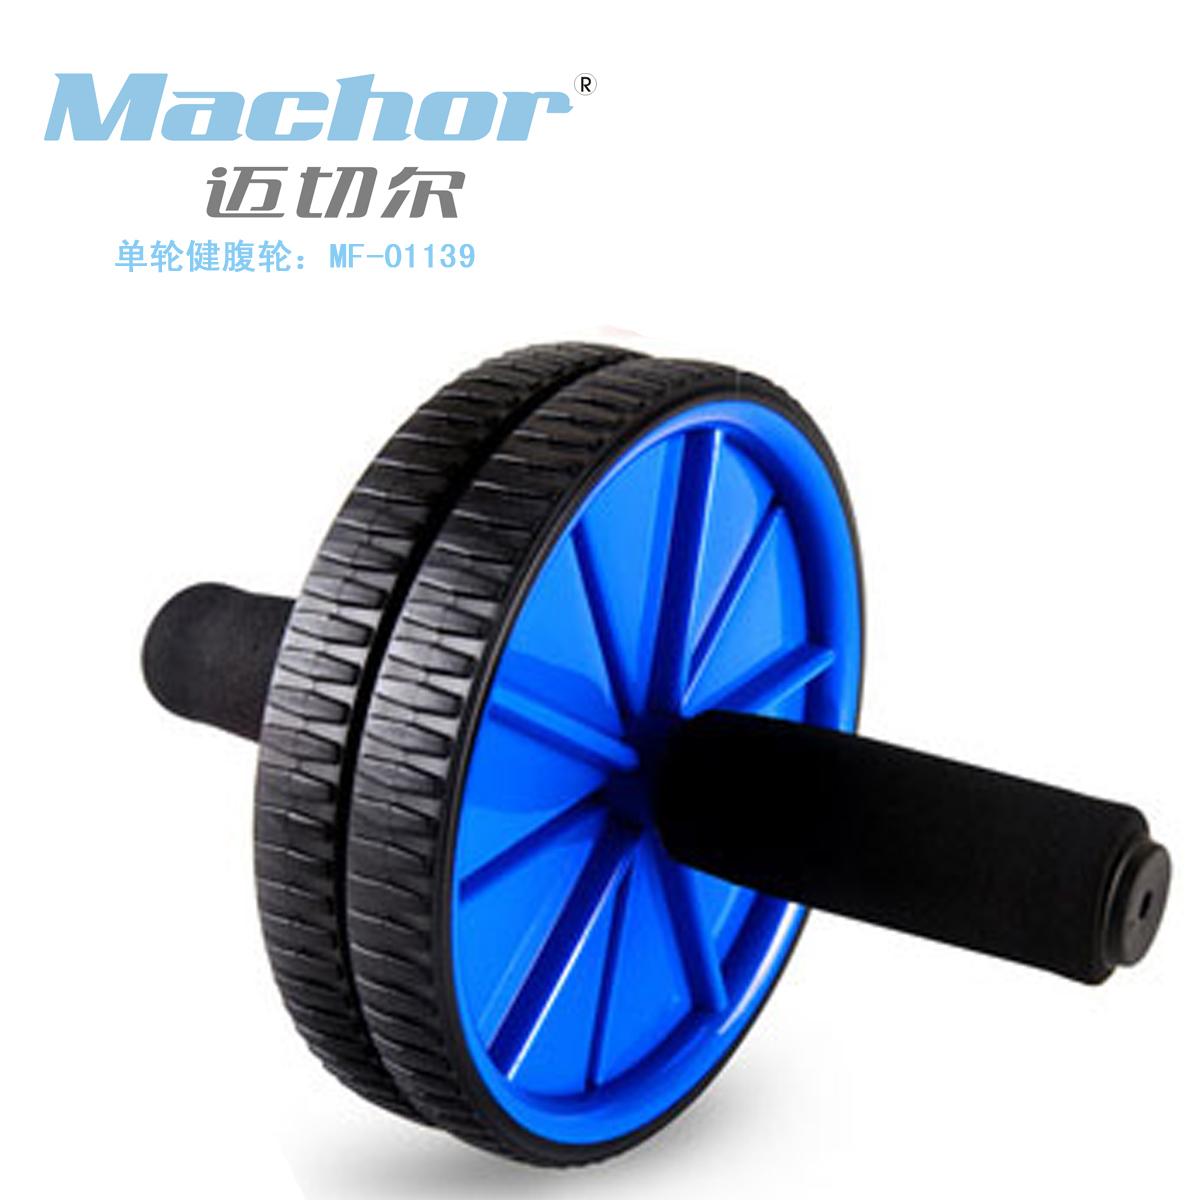 ab weight machine